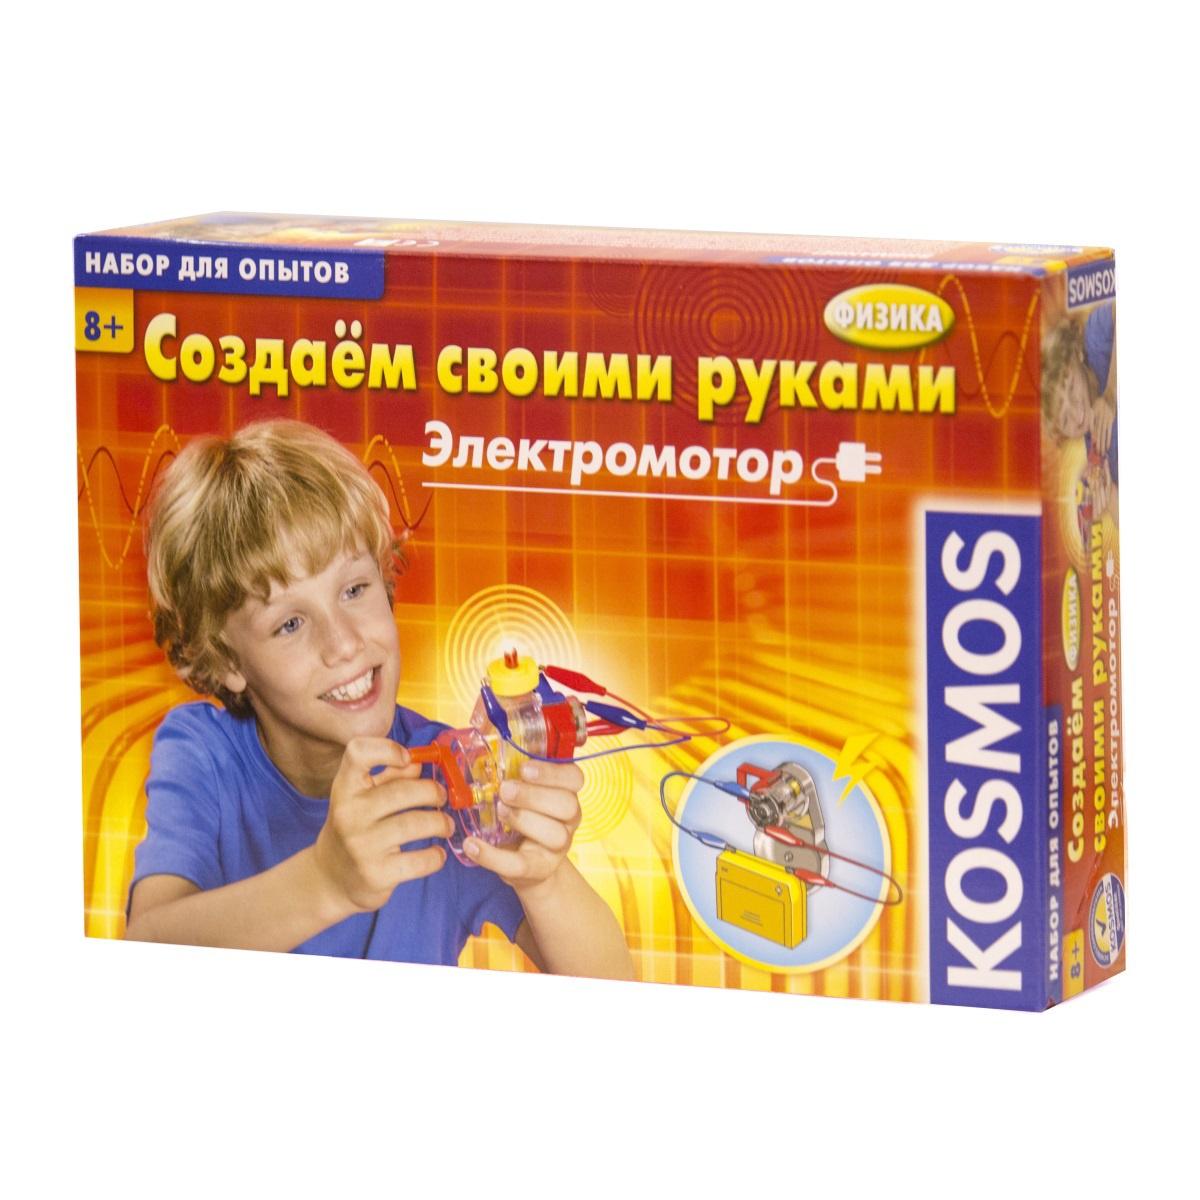 Игровой набор Создаем своими руками Электромотор компьютер игровой